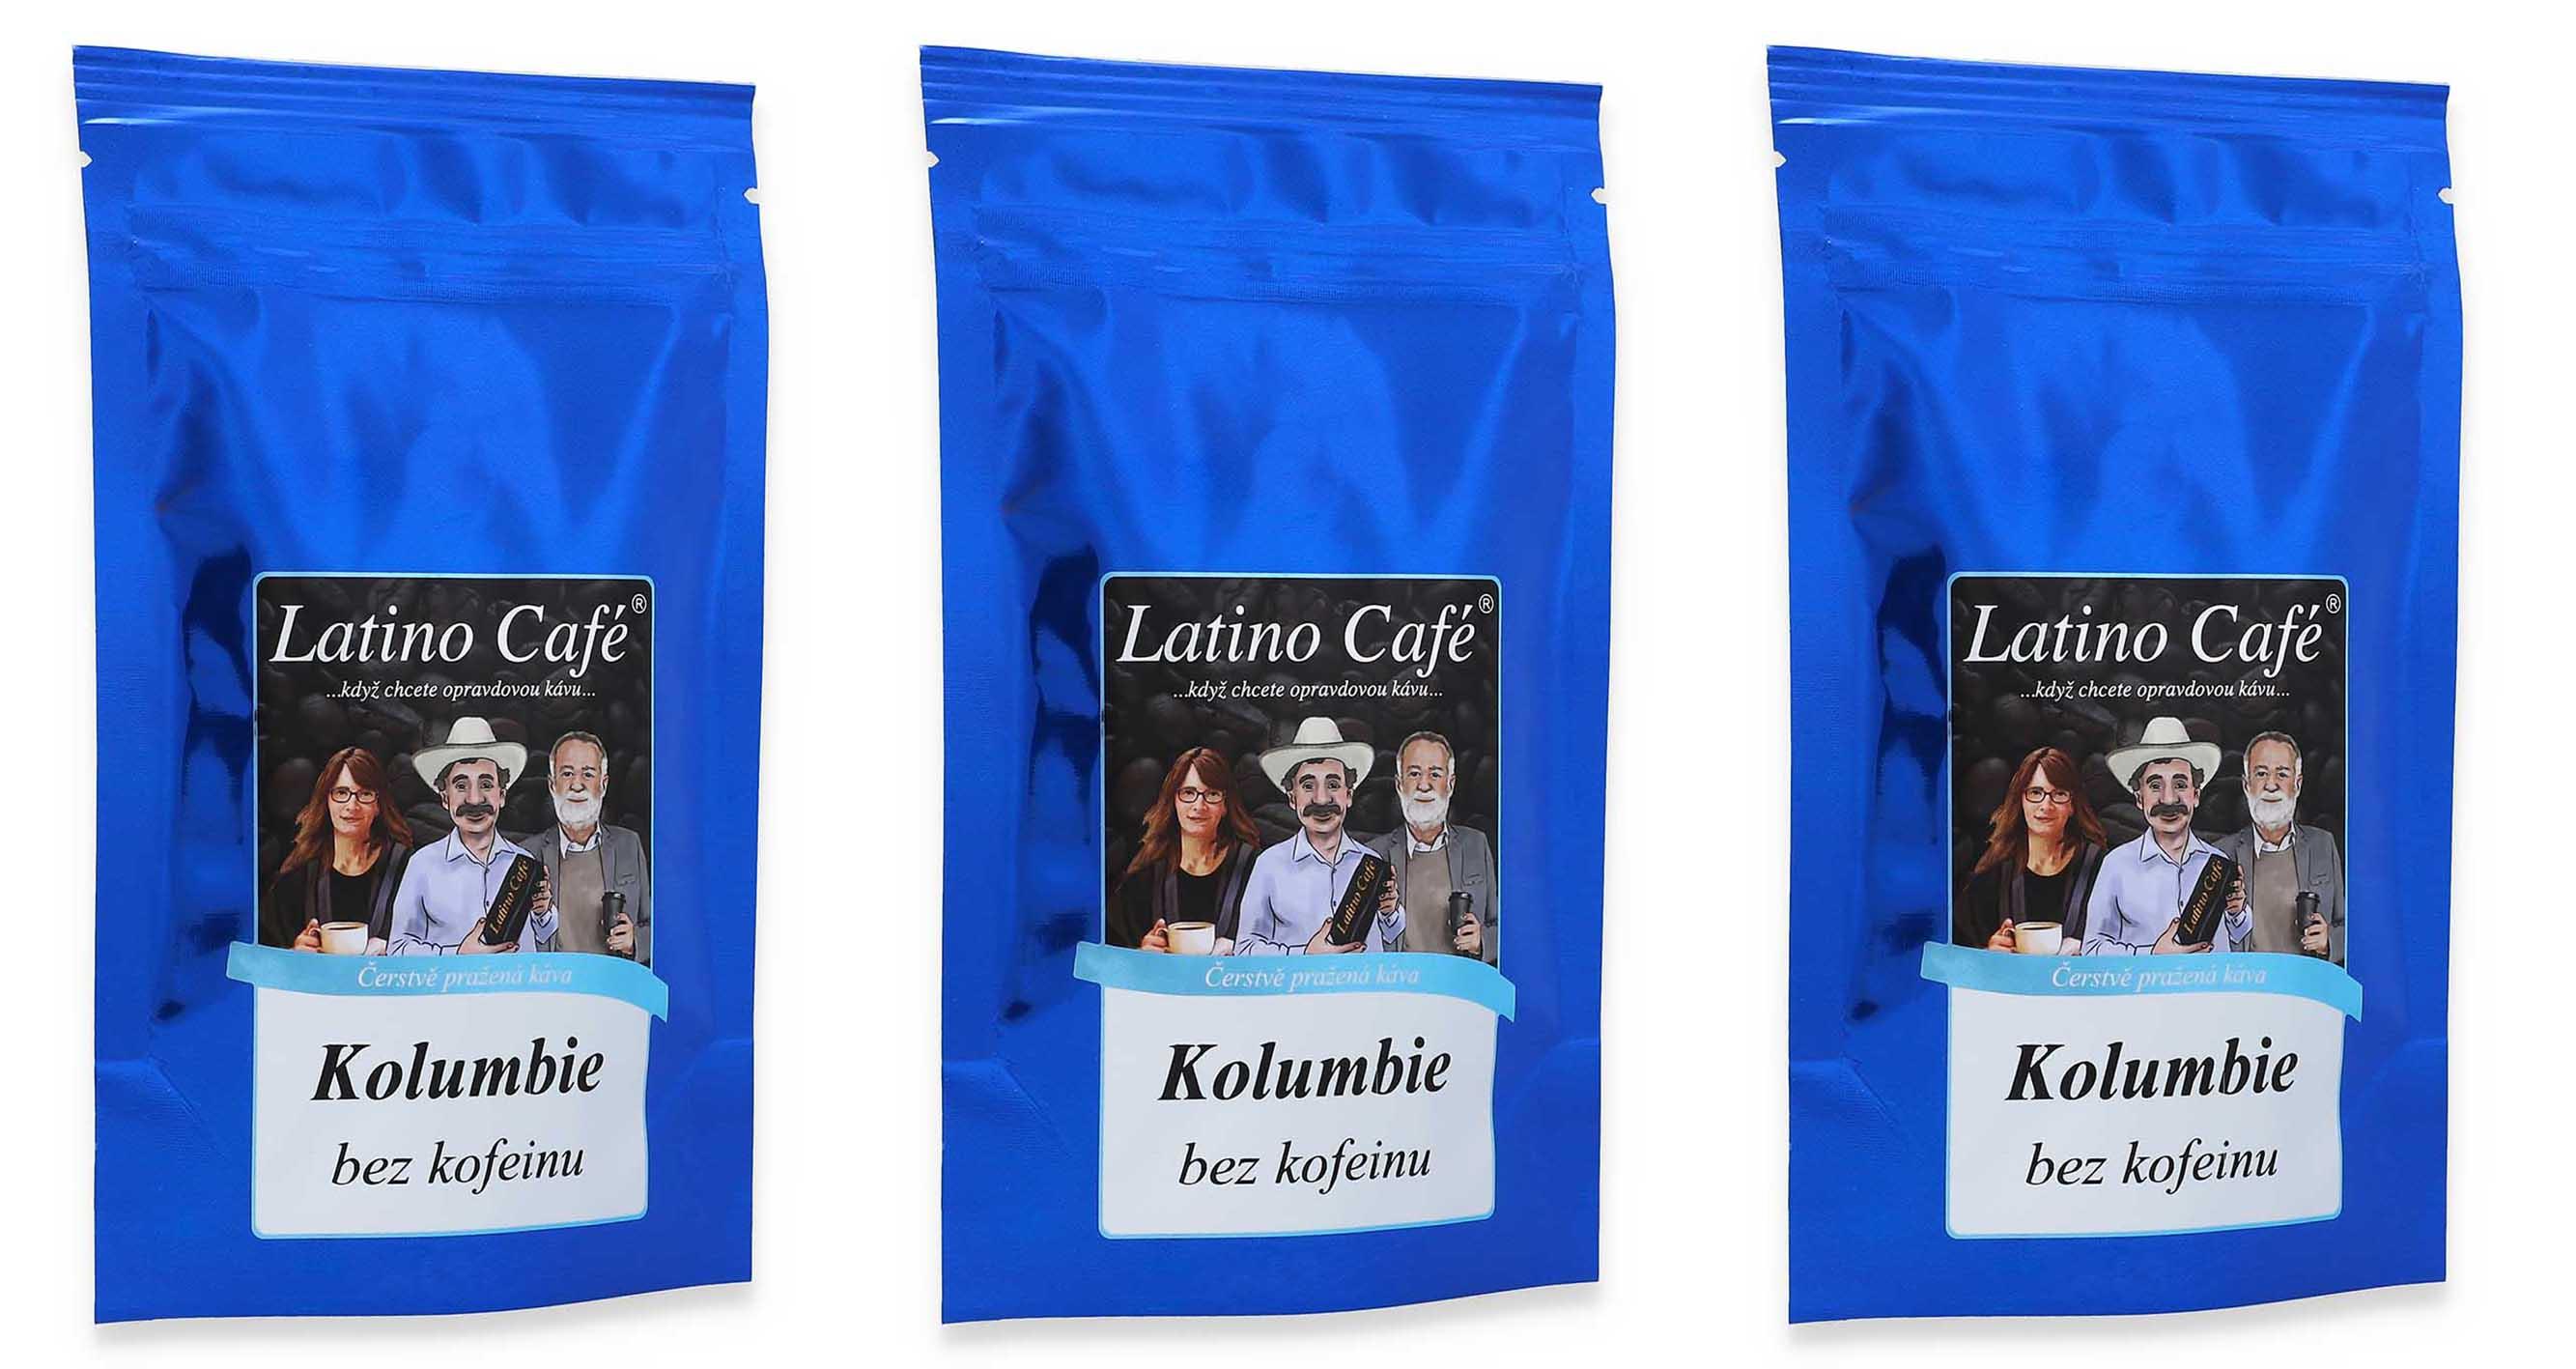 Jak se dělá bezkofeinová káva? A je zdravá?